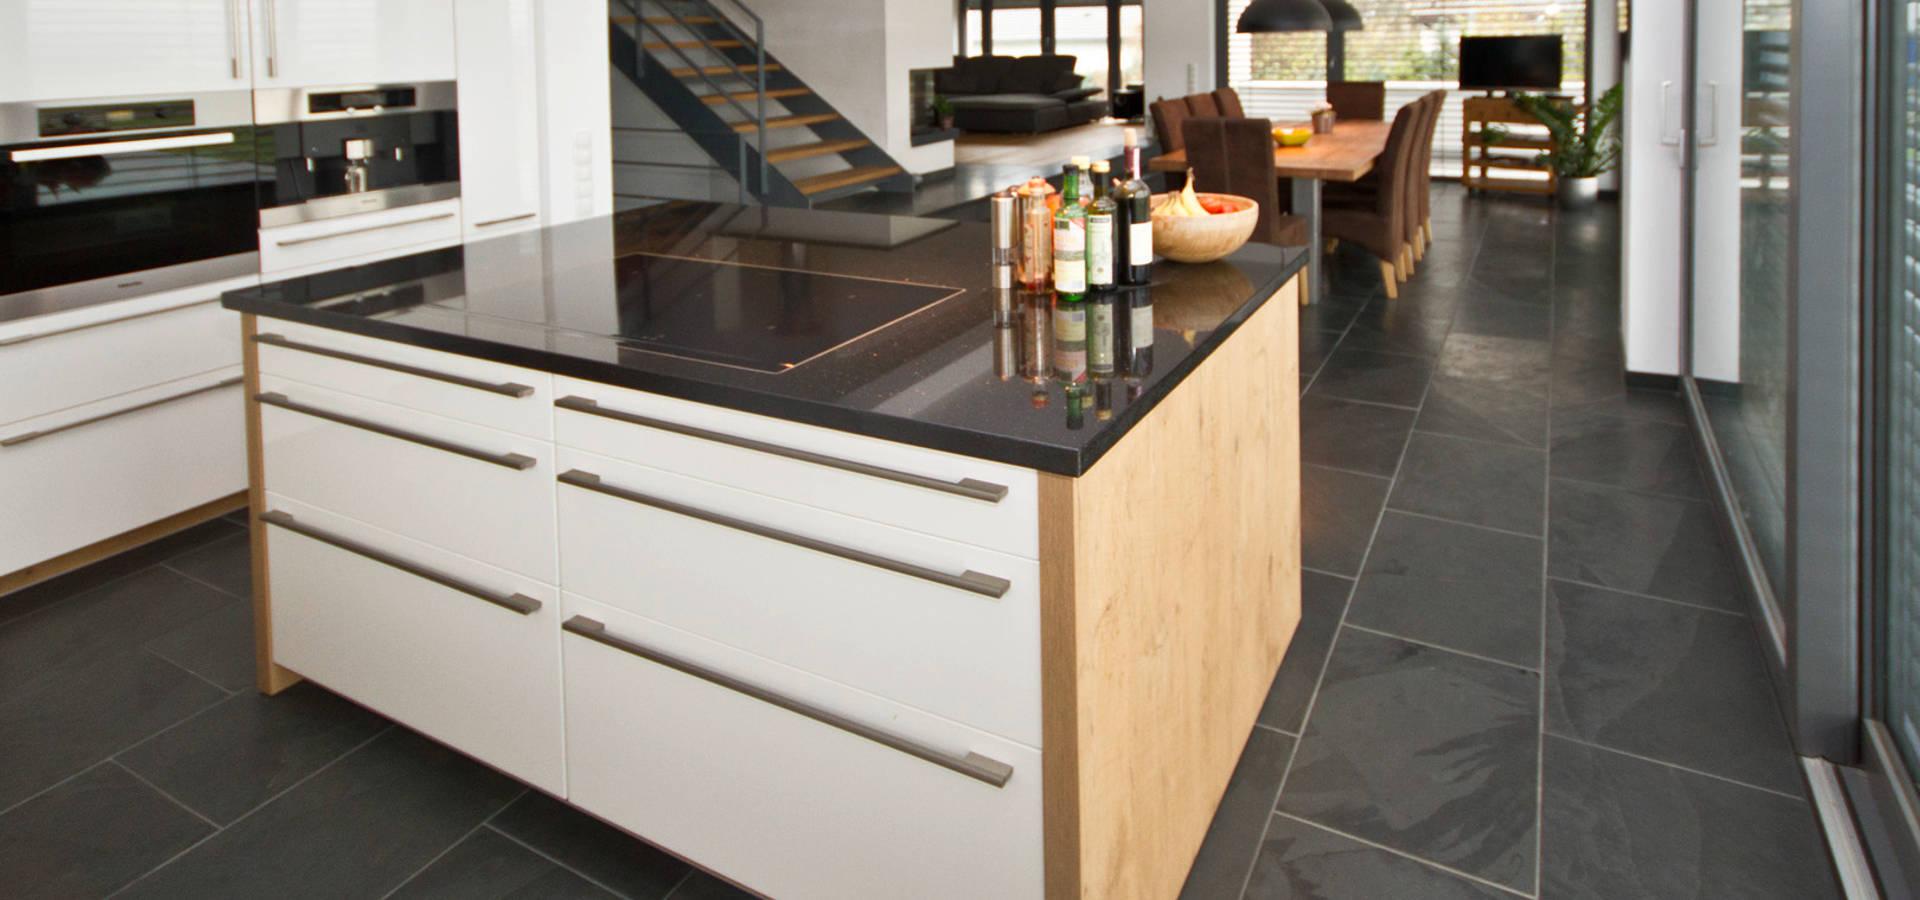 küche mit naturstein küchenarbeitsplatte par rossittis gmbh | homify